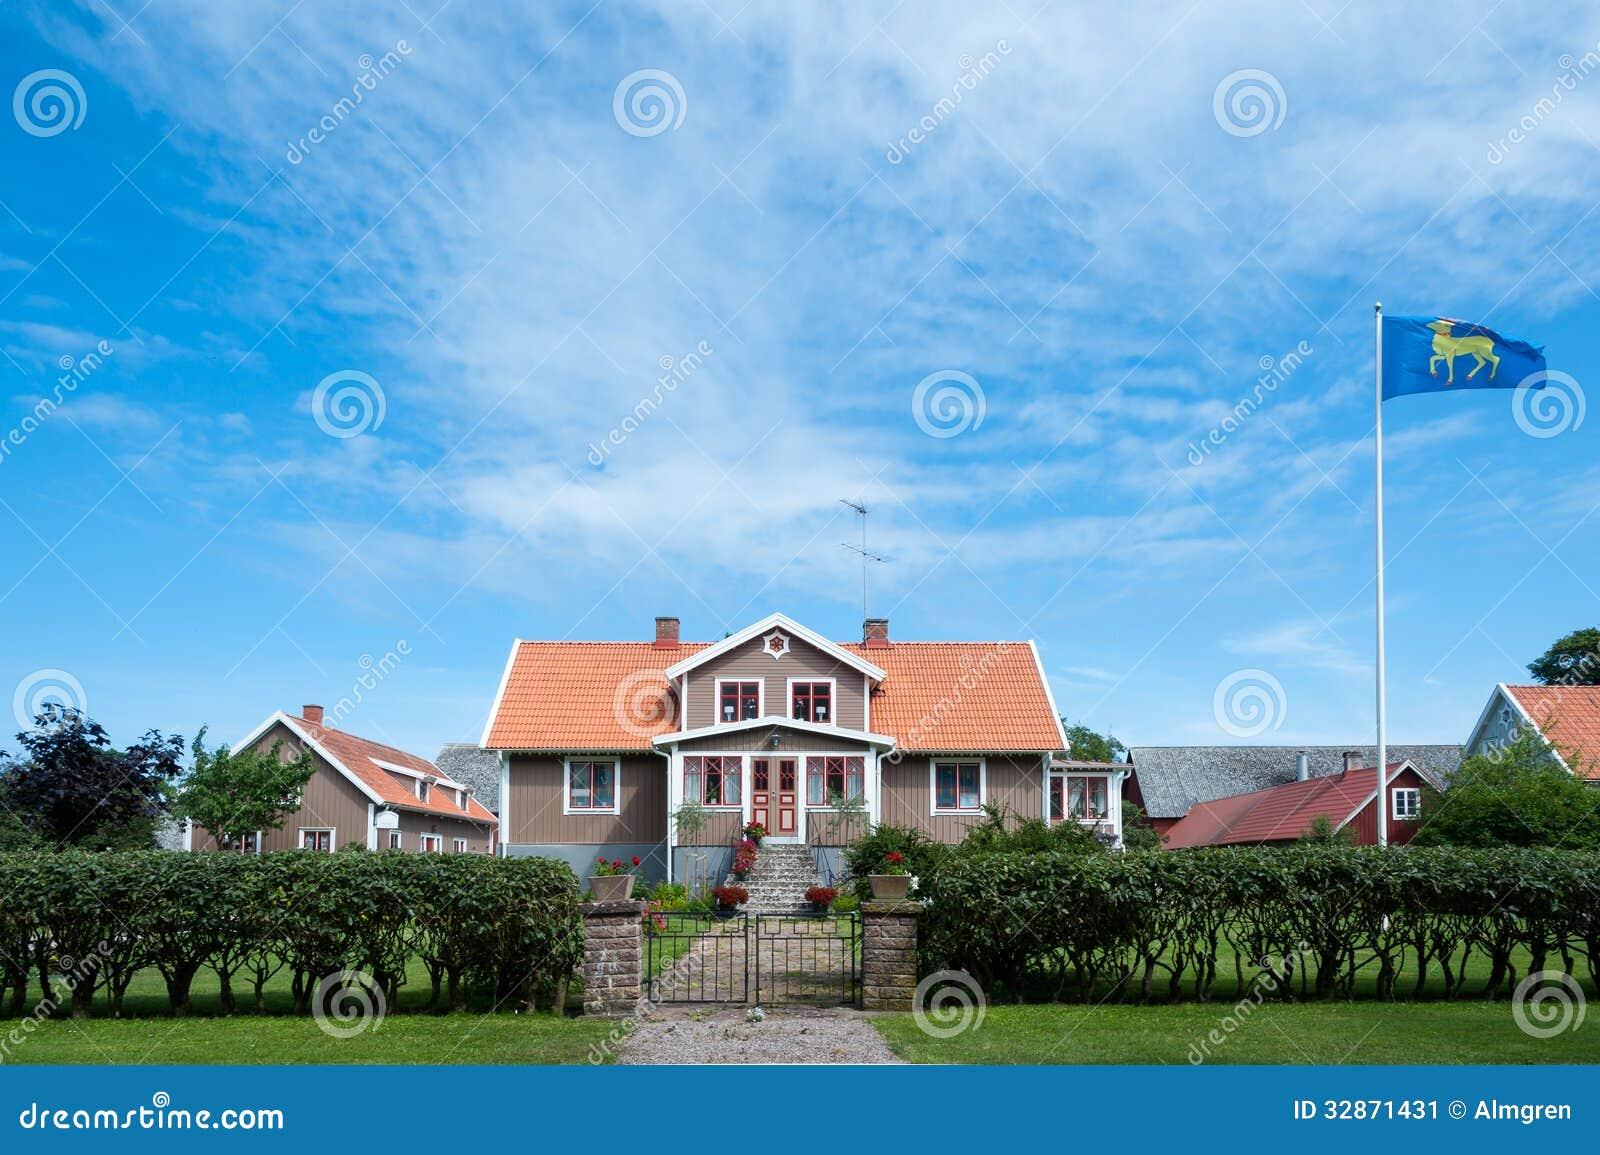 Farmhouse The Island Oeland Sweden Stock Image Image